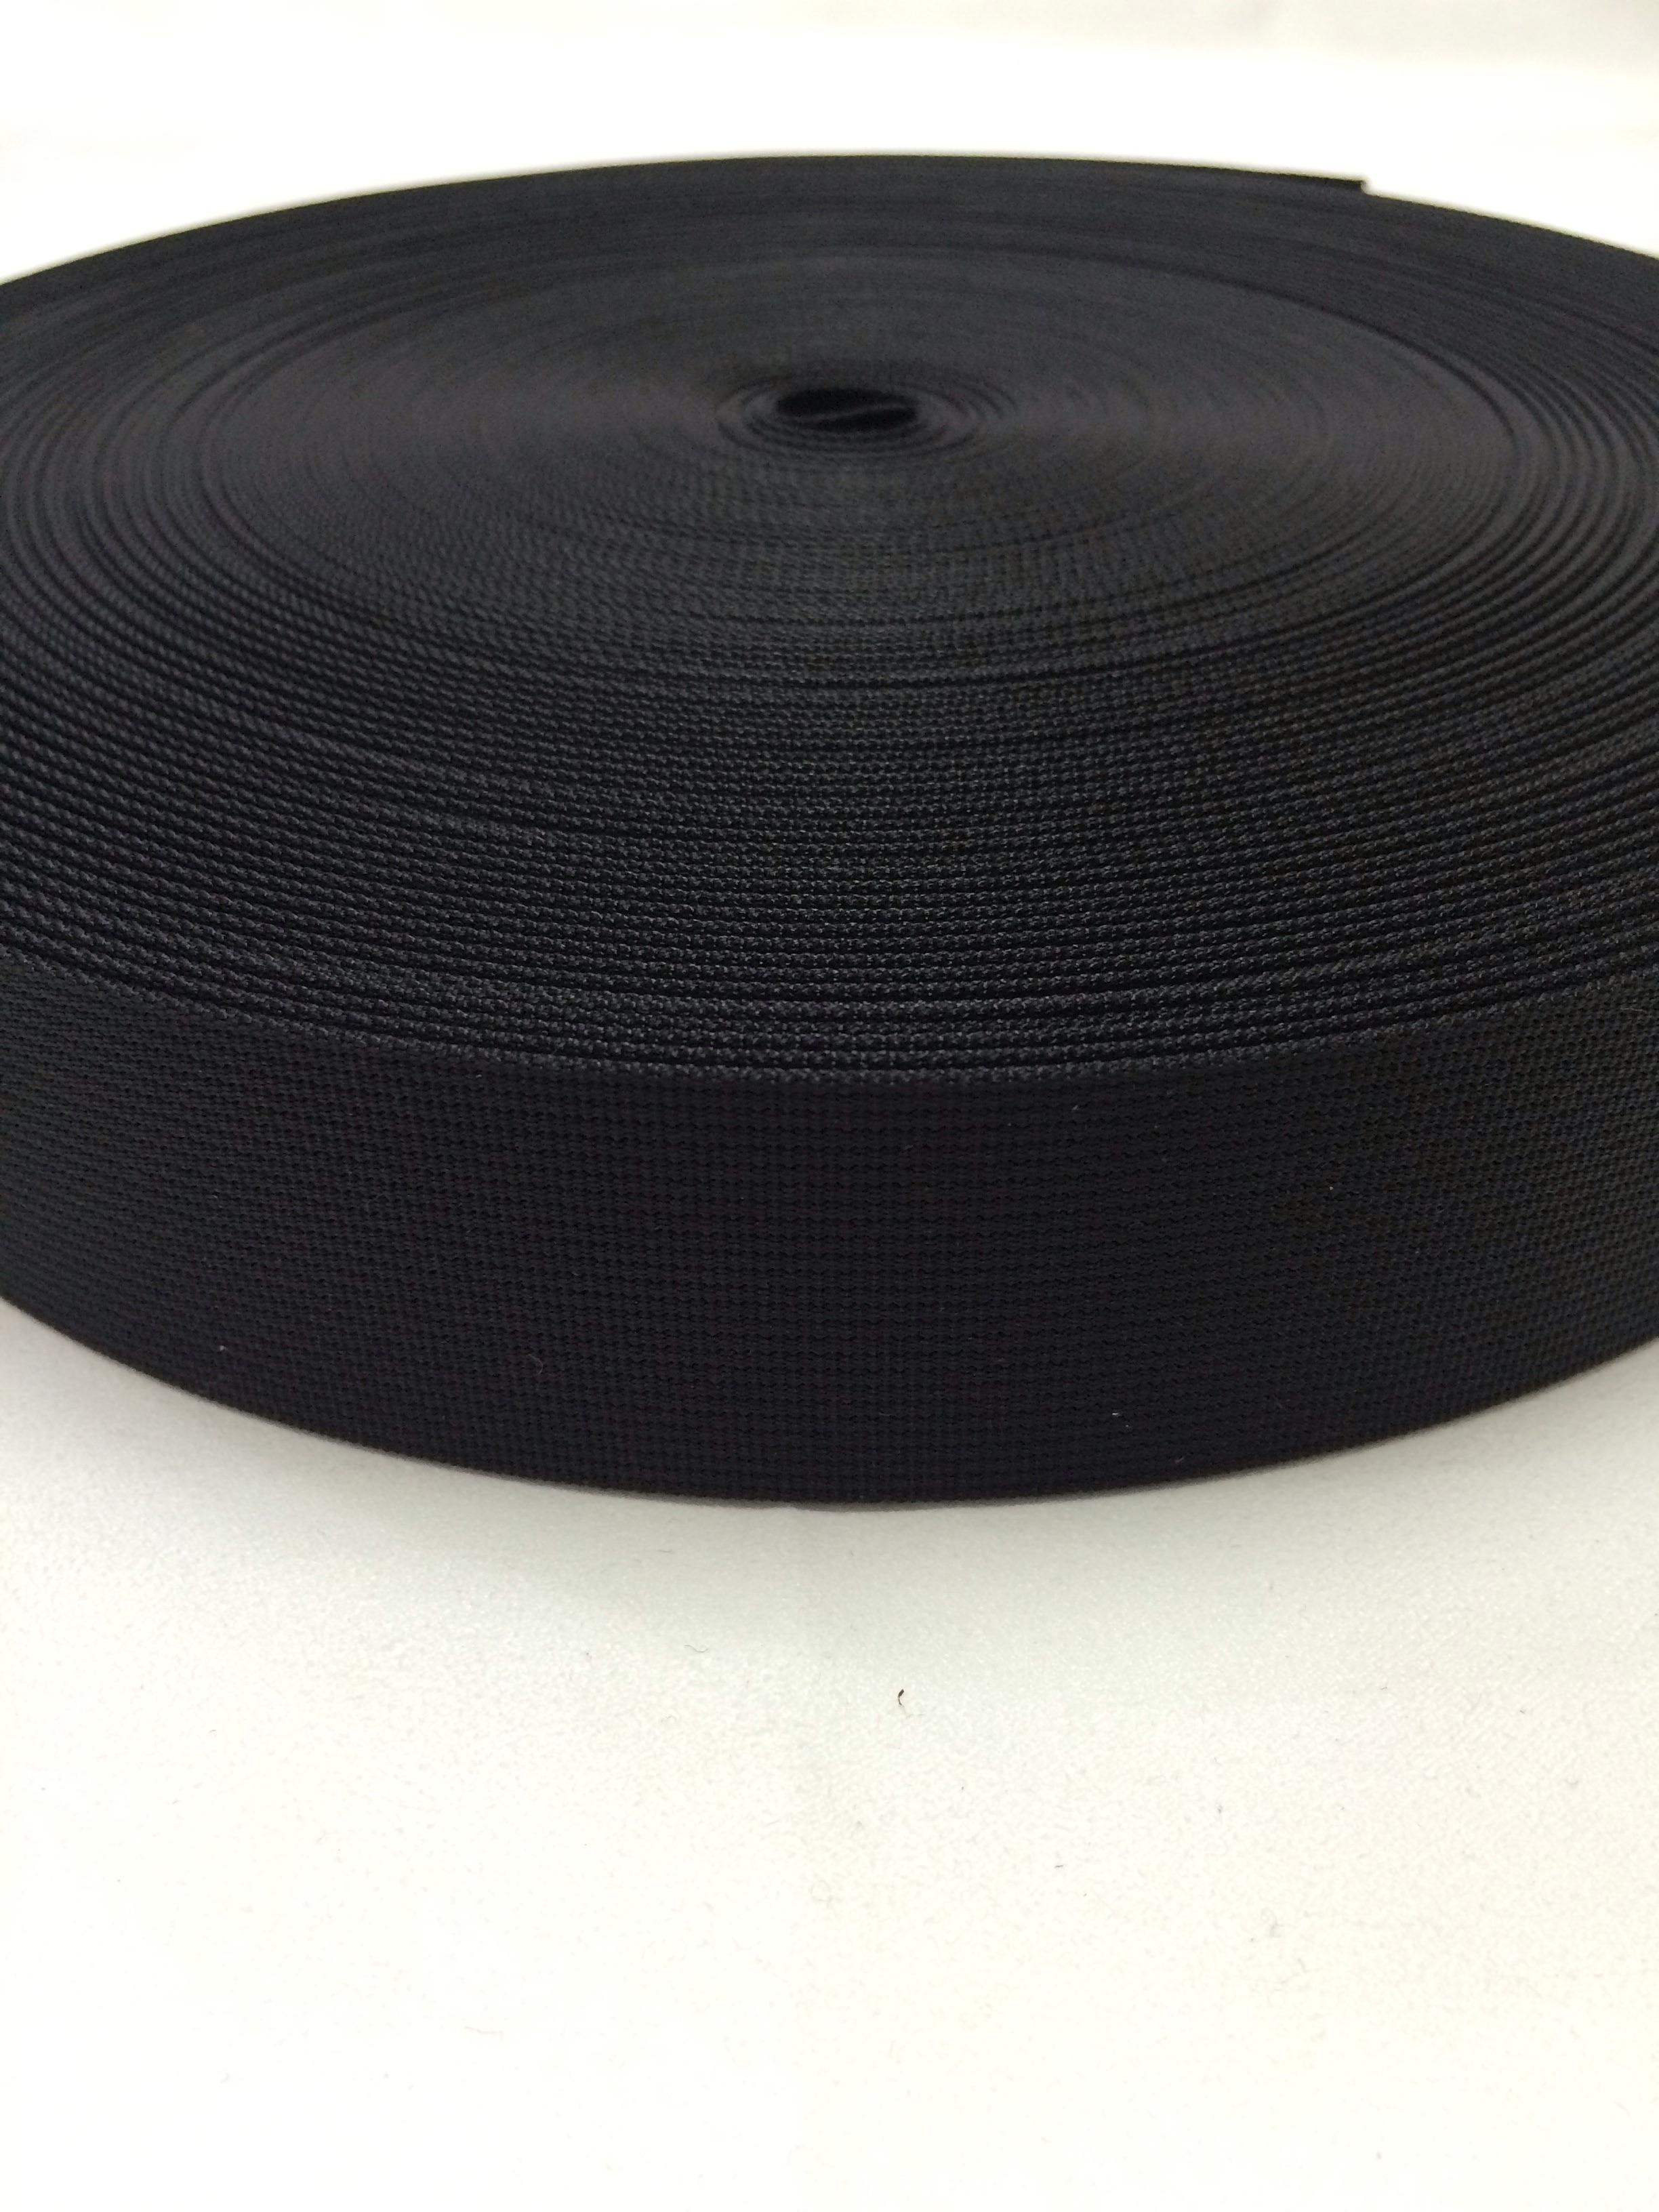 サコッシュなどに最適な ナイロン ベルト 高密度 15mm幅 1mm厚 黒 1m